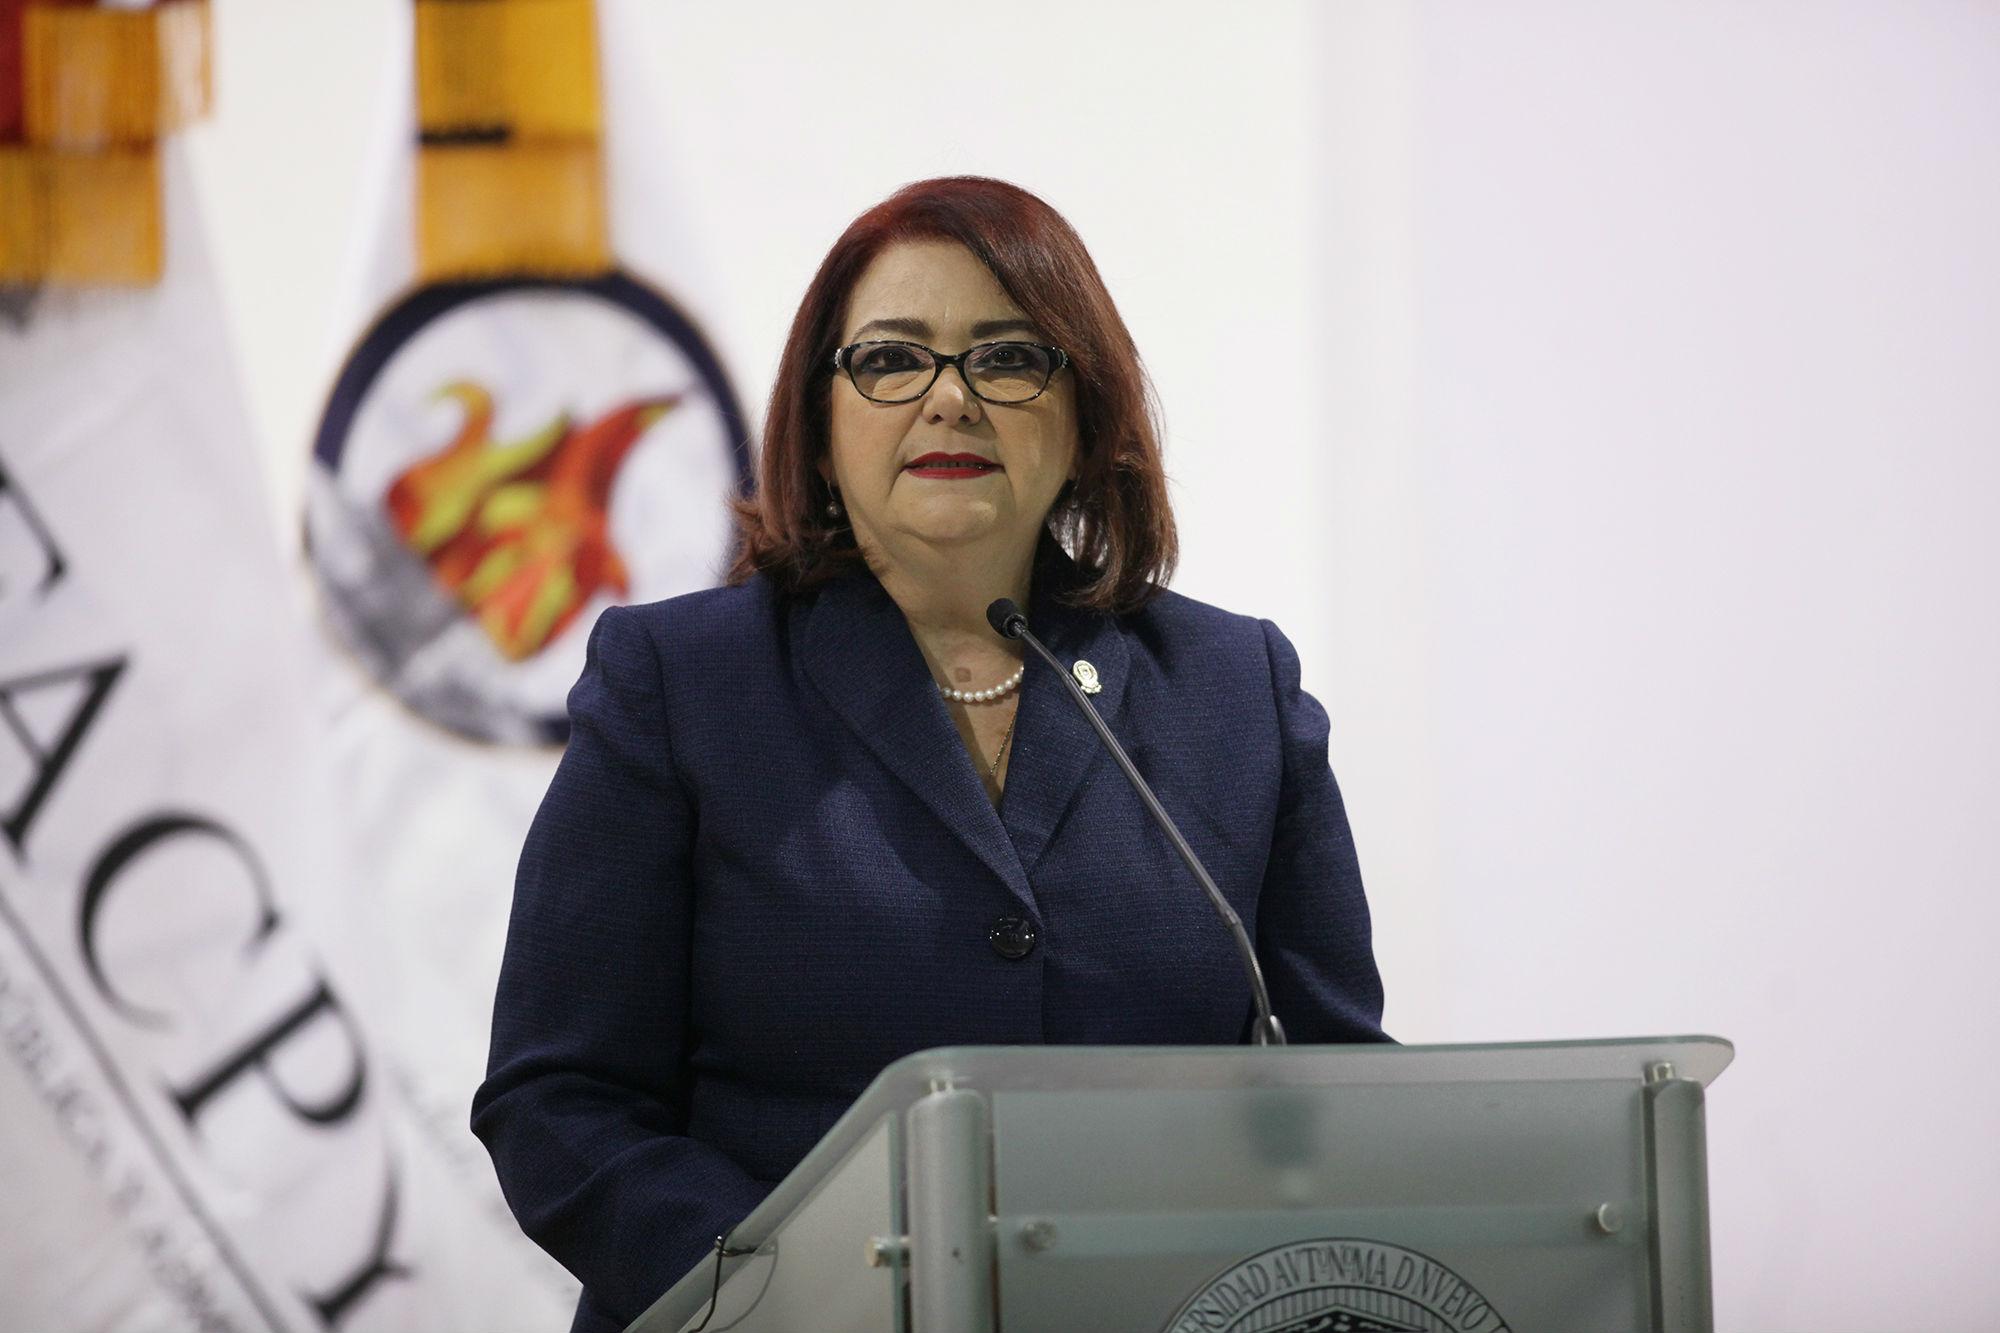 Mensaje de la directora de la Facultad de Contaduría Pública y Administración, María Eugenia García de la Peña